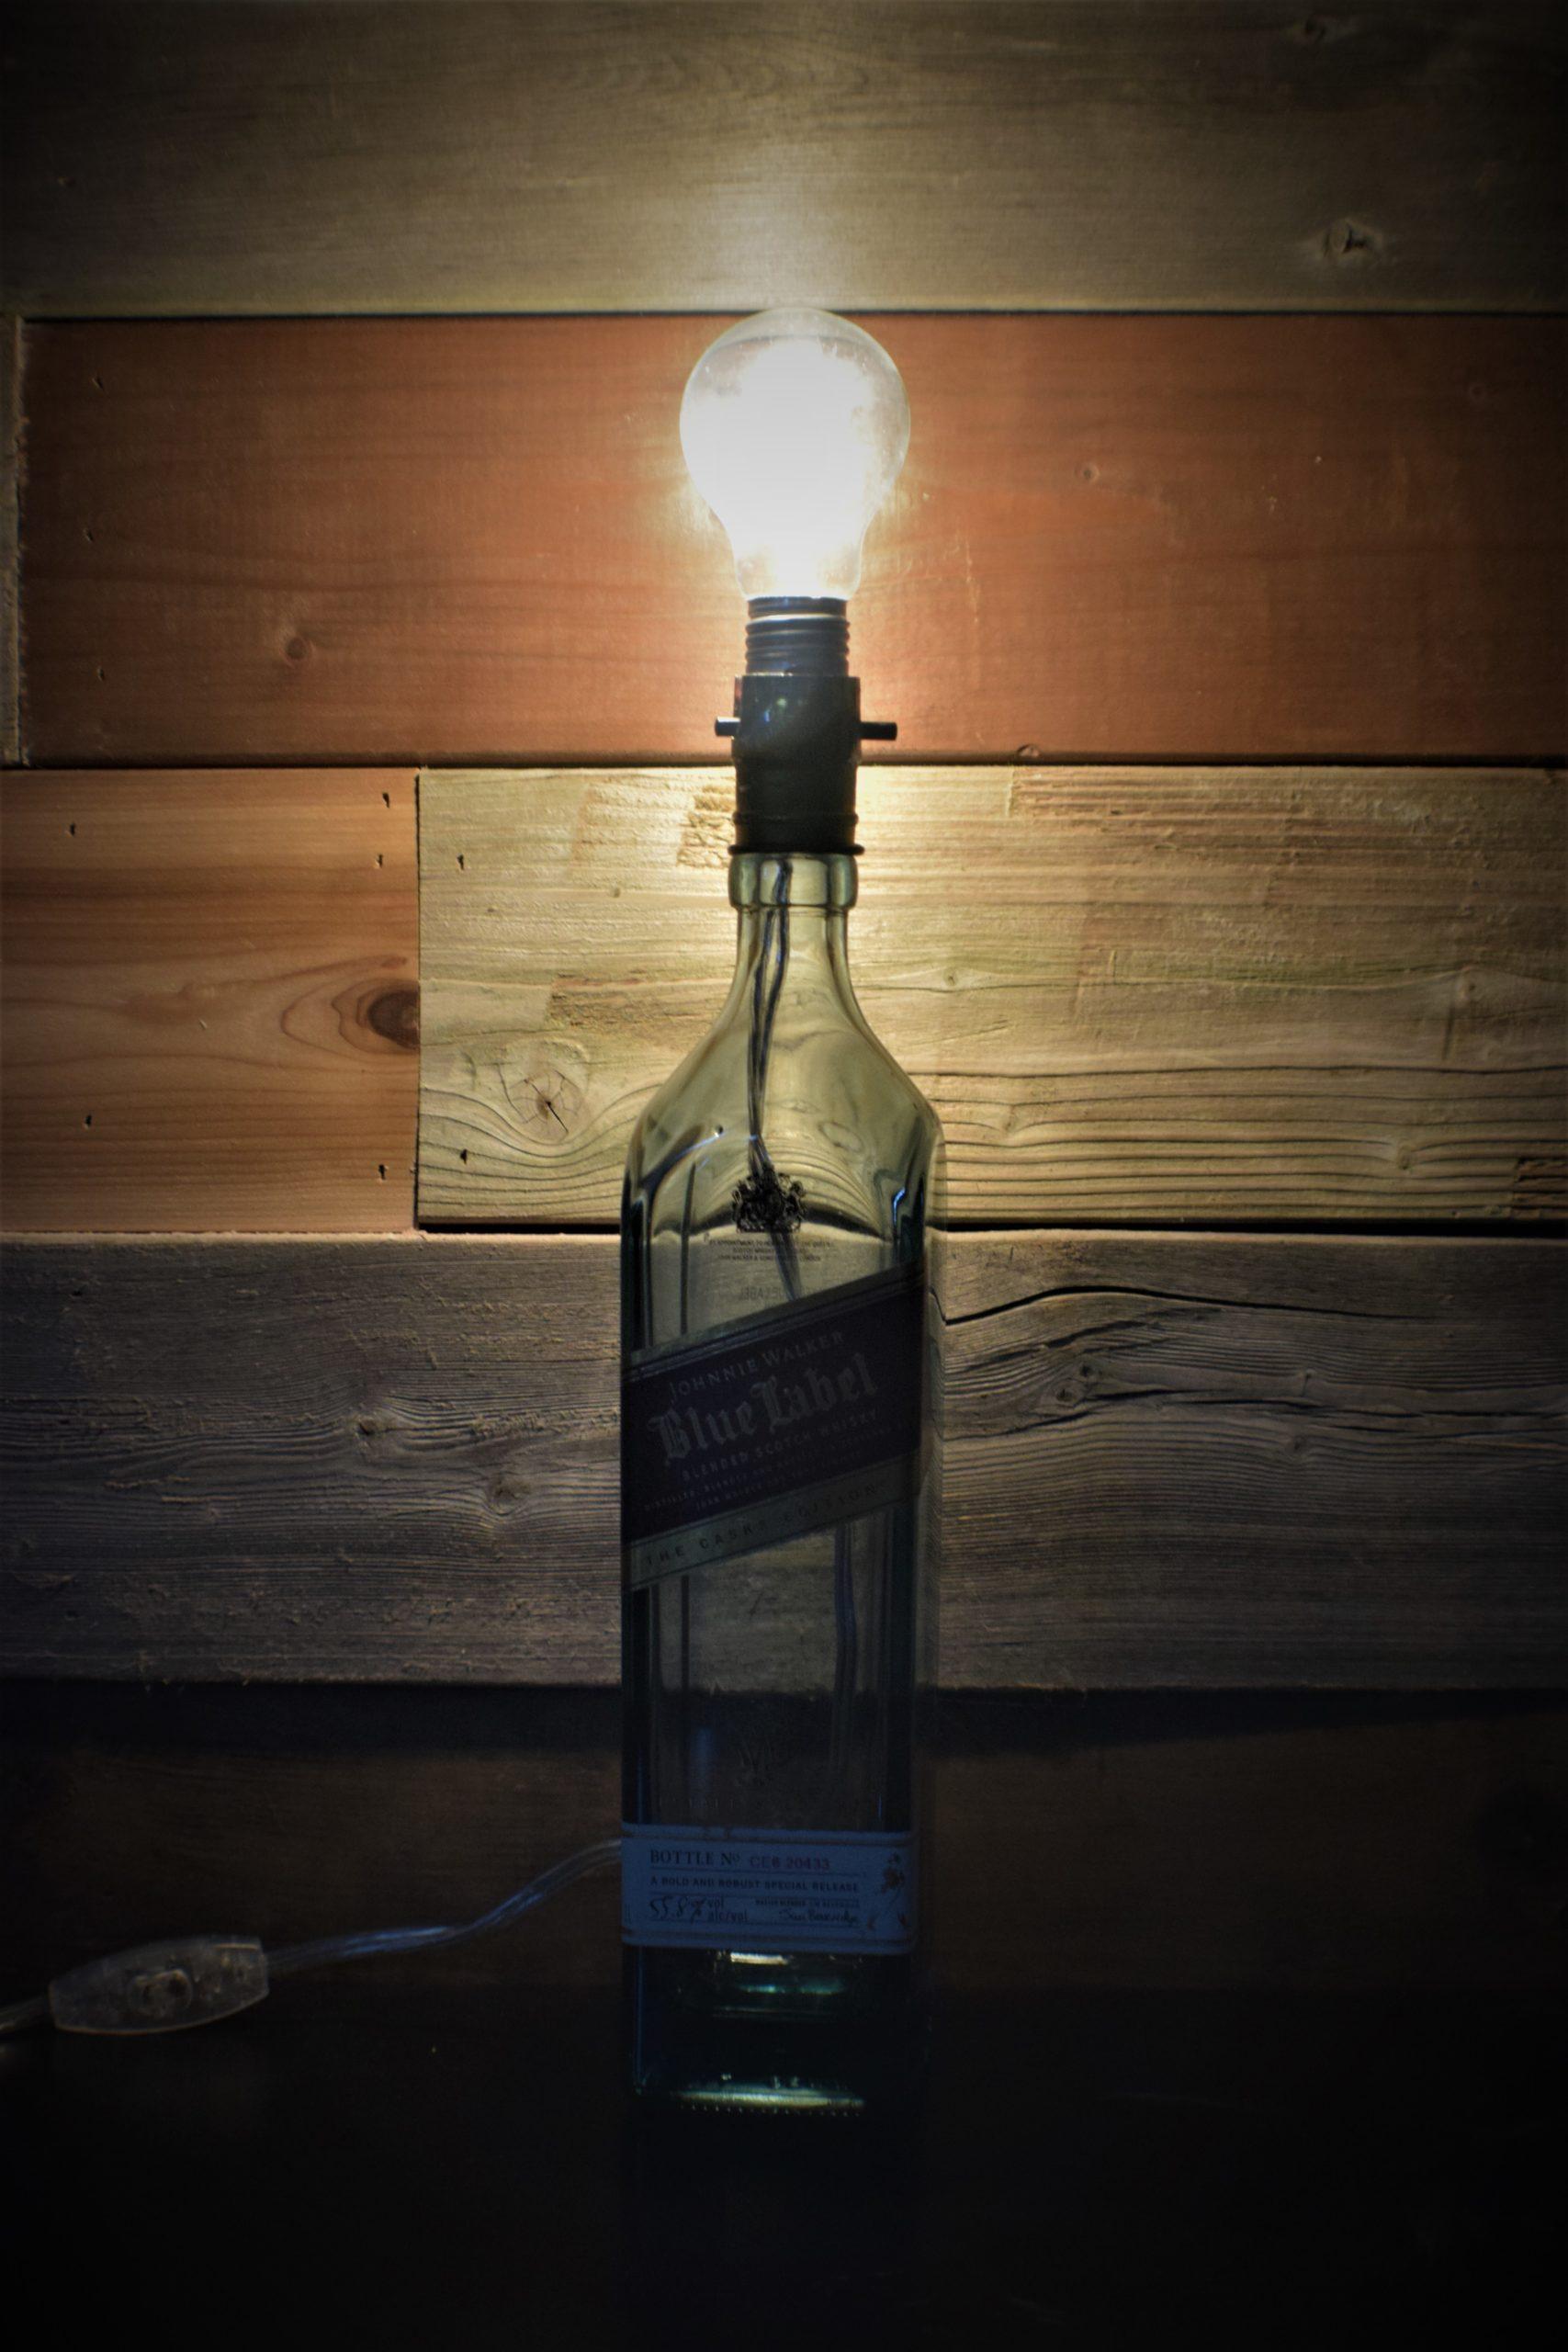 liquor bottle lamp with light buld